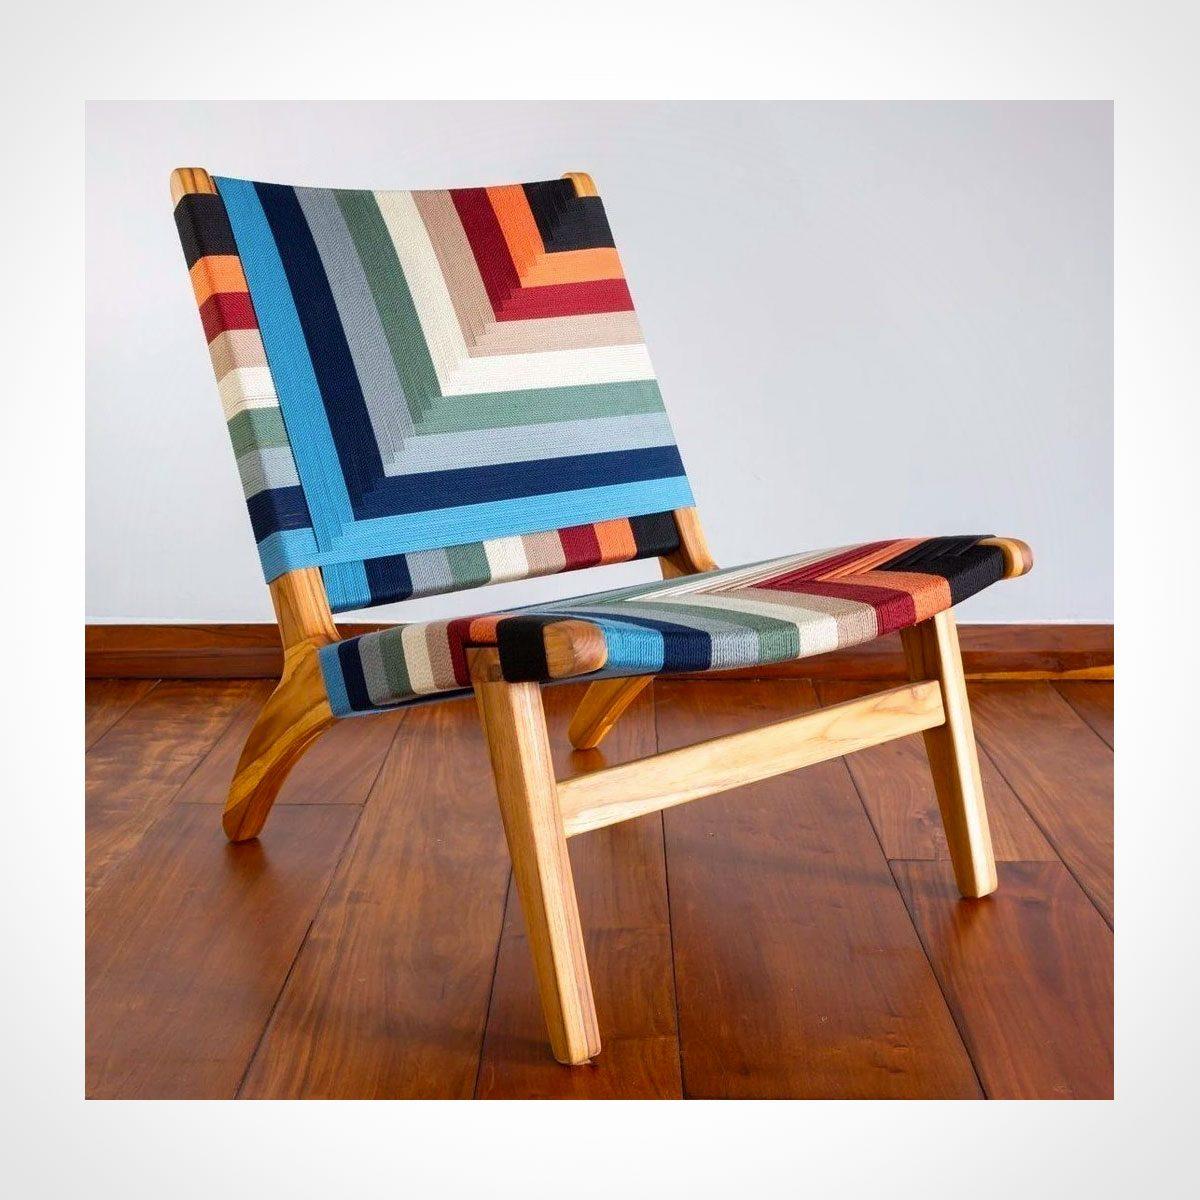 Masaya-sustainable-furniture/sustainable-marketplace/